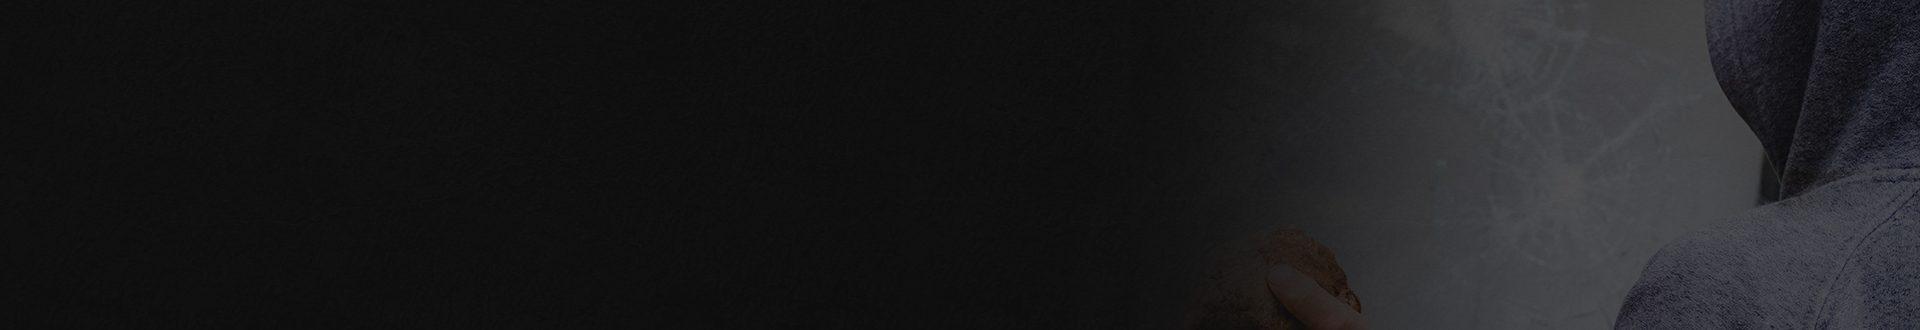 folie-antiefractie-tint